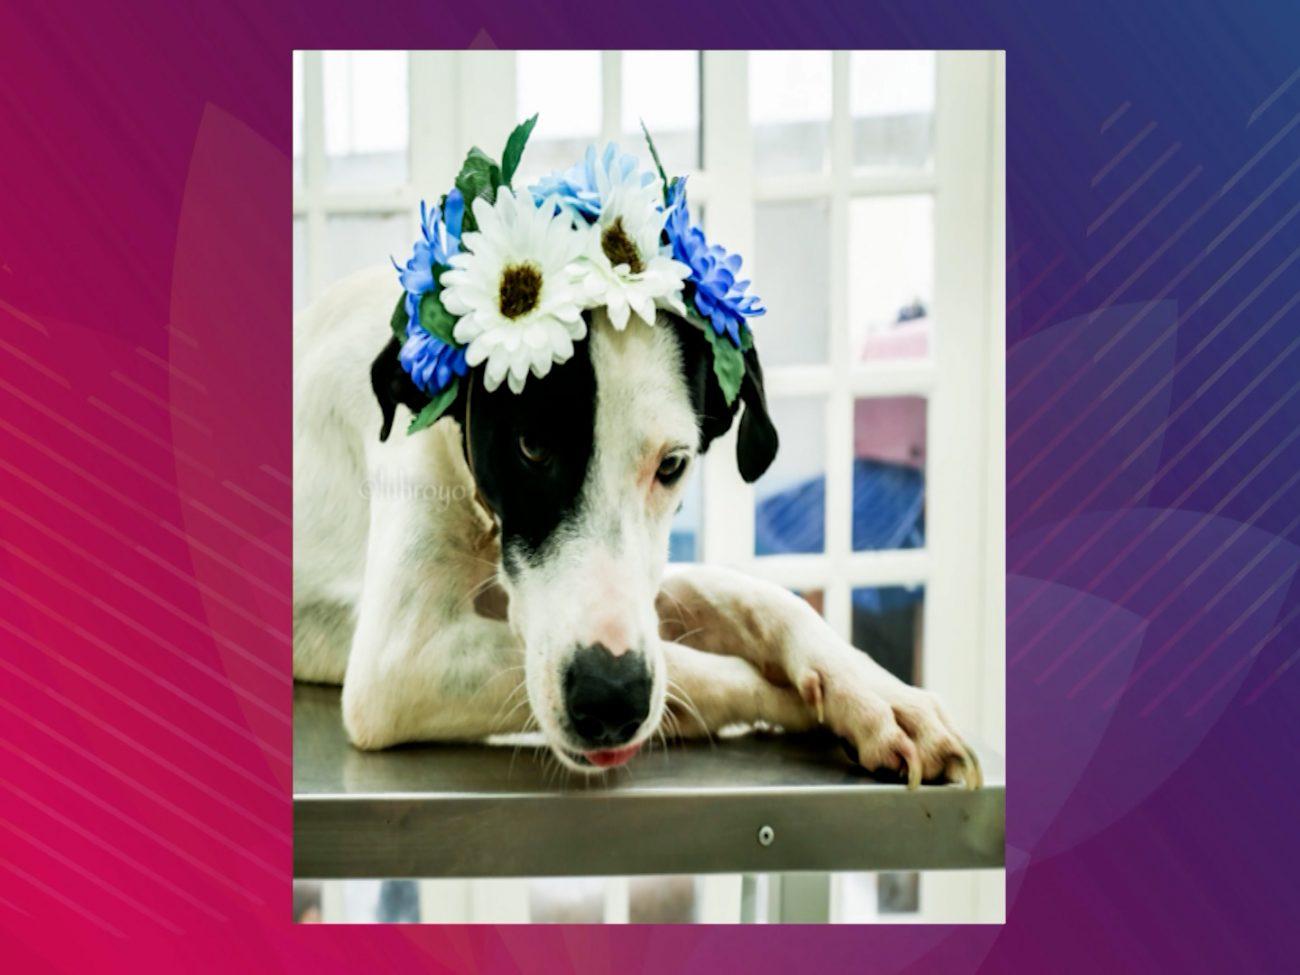 Conheça os animais que estarão disponíveis para adoção em Navegantes - DABA/Divulgação